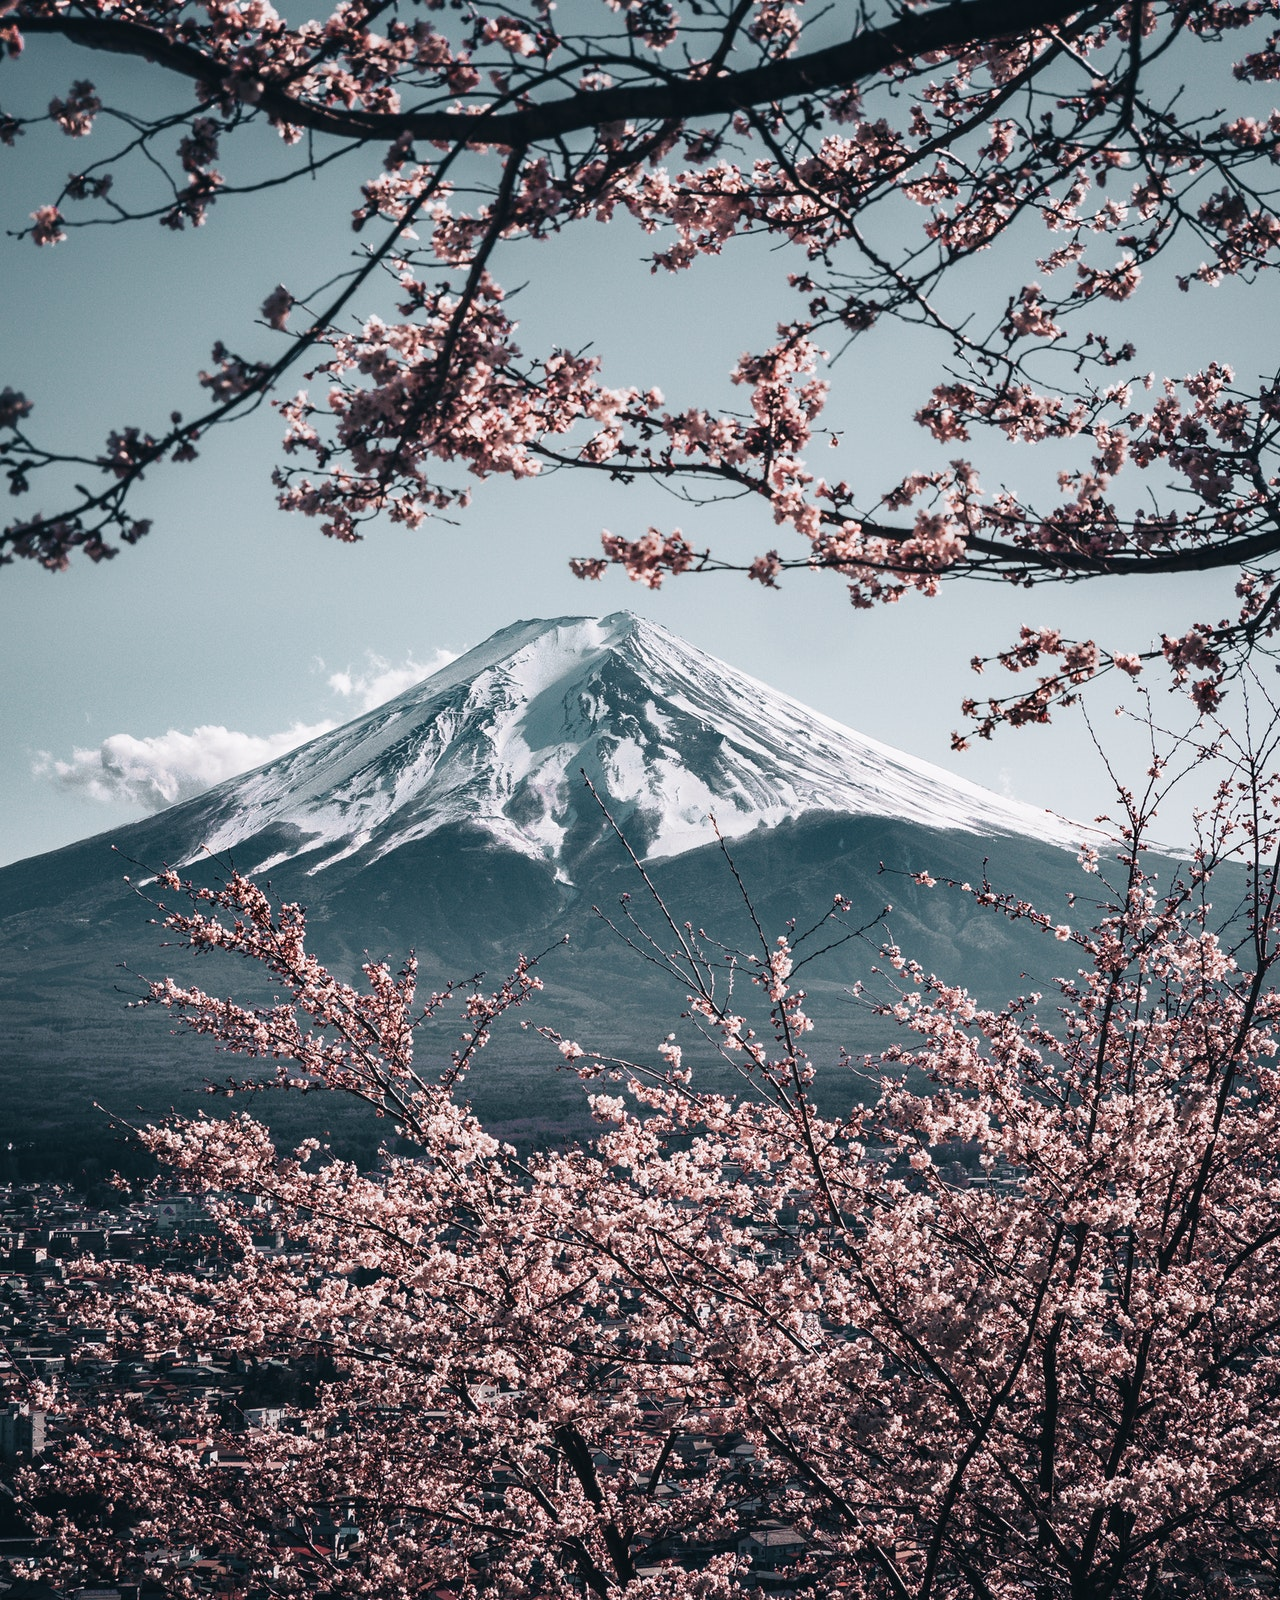 日本の精神成長のベースとは